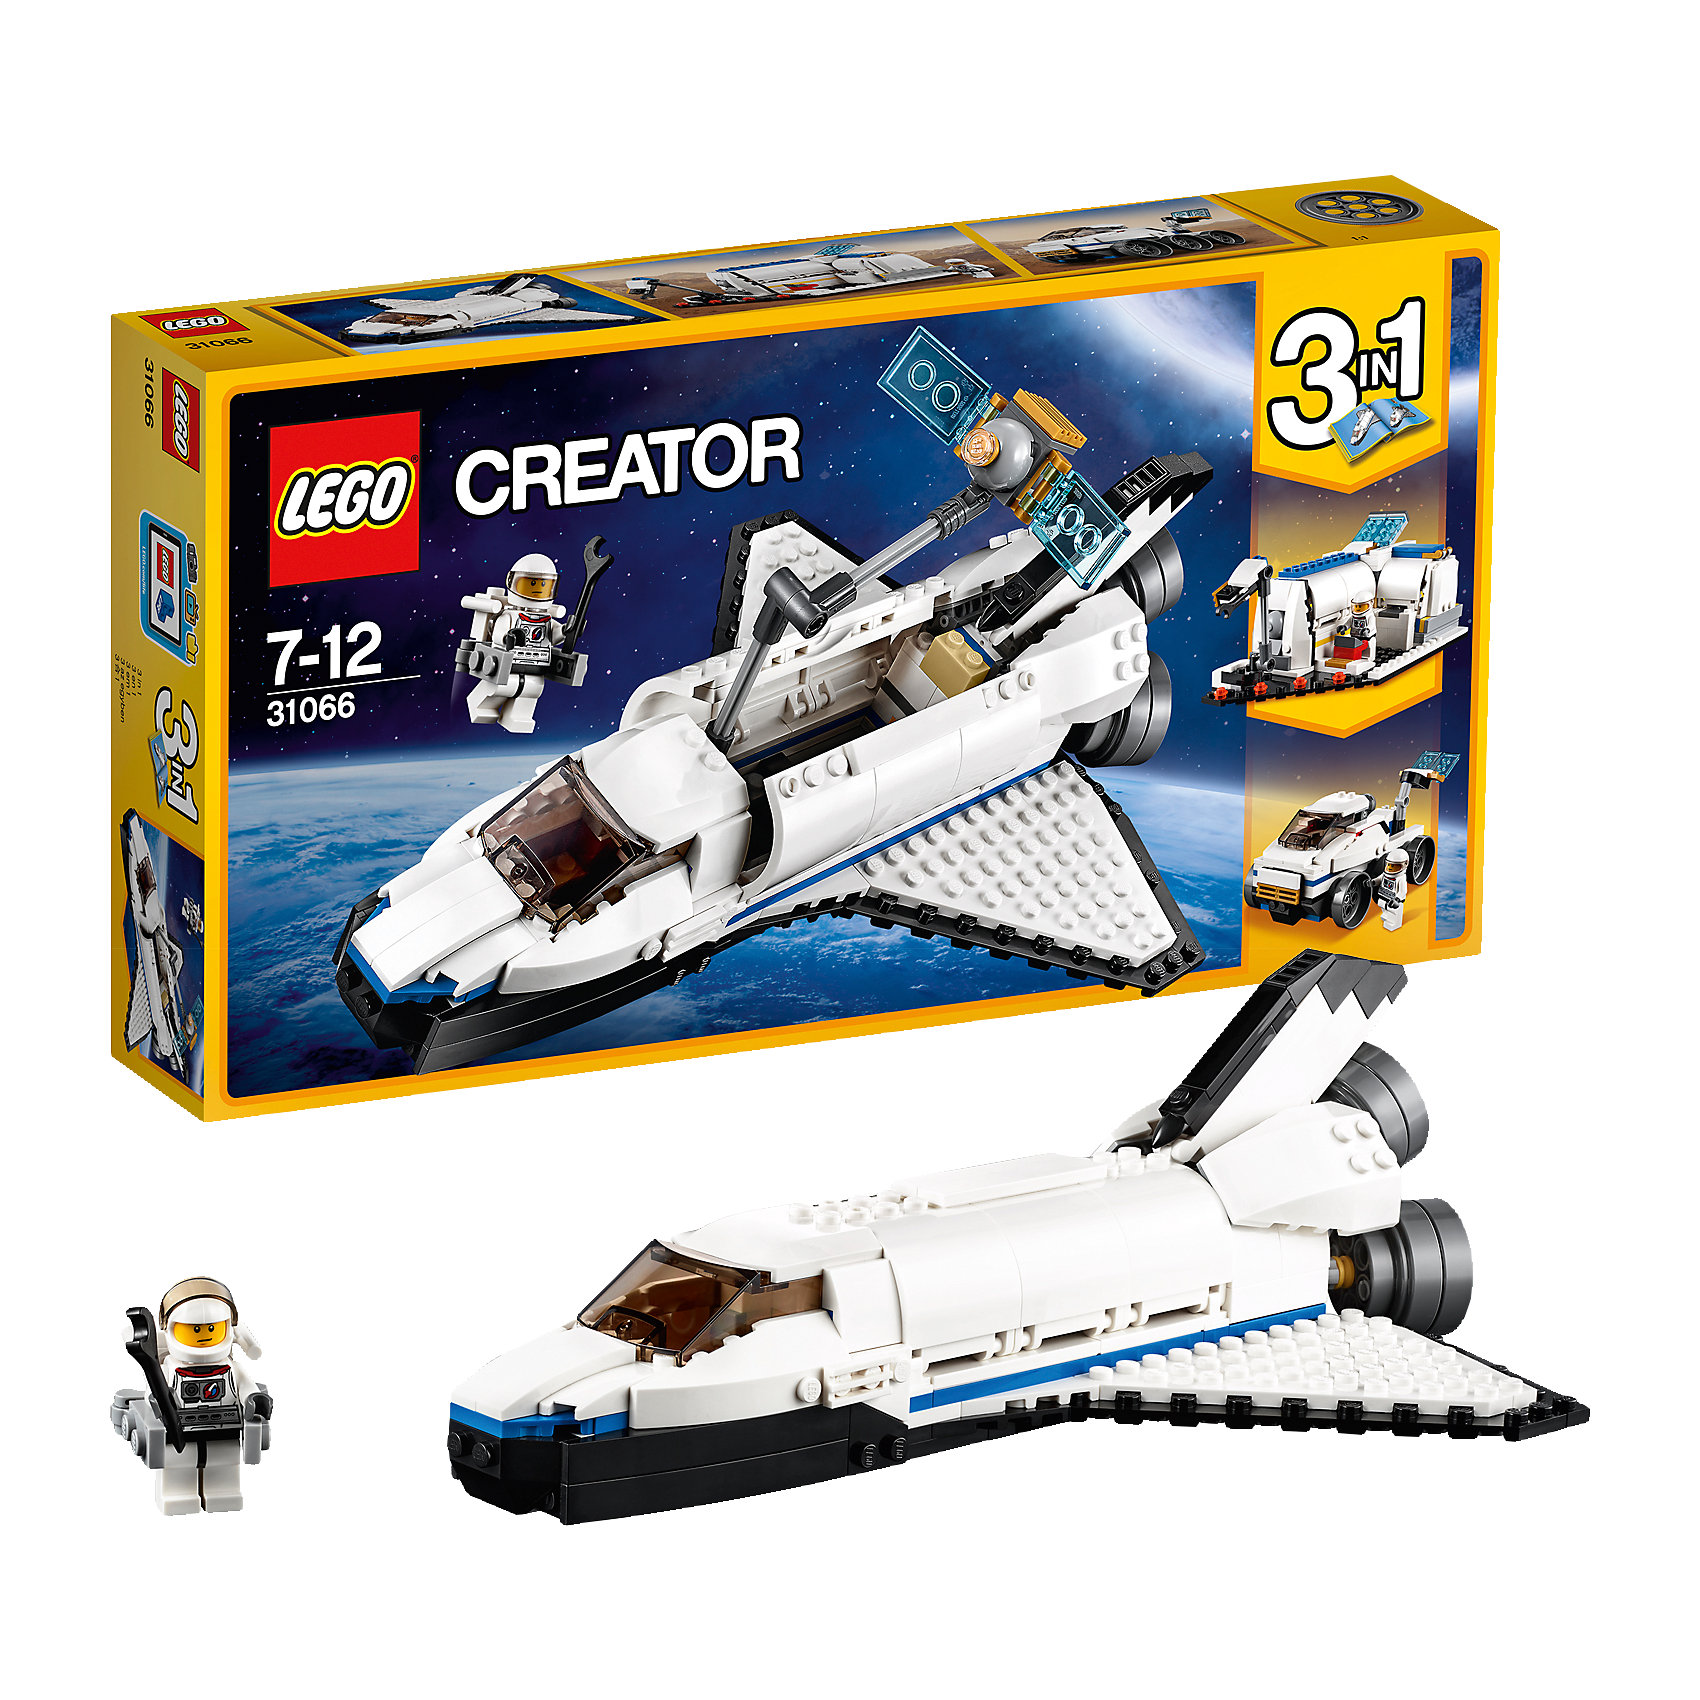 LEGO Creator 31066: Исследовательский космический шаттлПластмассовые конструкторы<br><br><br>Ширина мм: 356<br>Глубина мм: 192<br>Высота мм: 63<br>Вес г: 560<br>Возраст от месяцев: 84<br>Возраст до месяцев: 144<br>Пол: Мужской<br>Возраст: Детский<br>SKU: 5620053